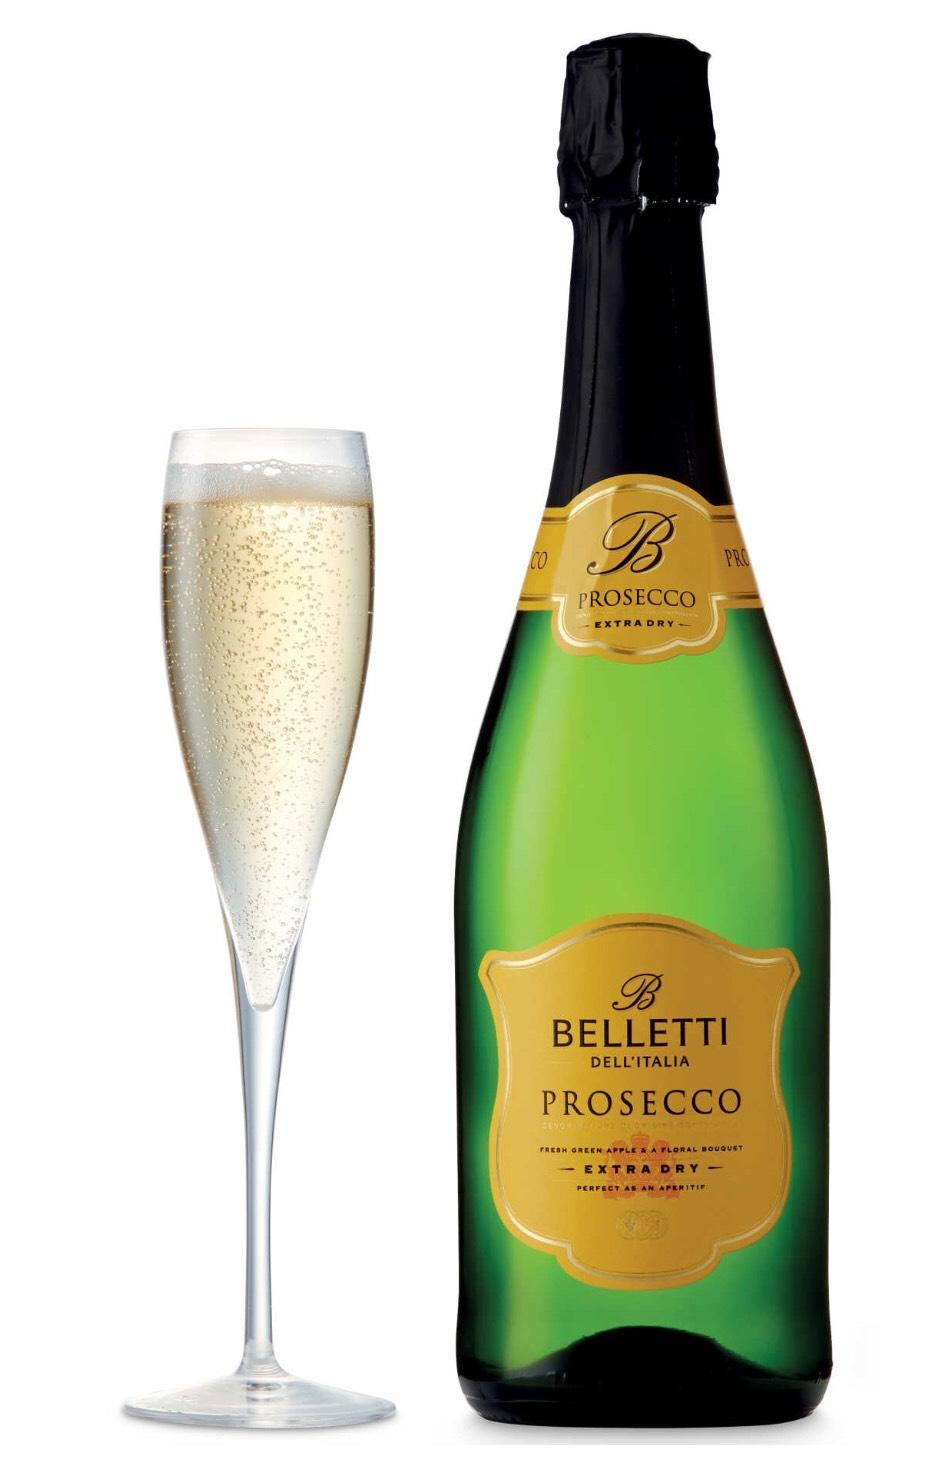 [Reduced] Belletti Prosecco Spumante DOC 75cl - £4.99 @ Aldi